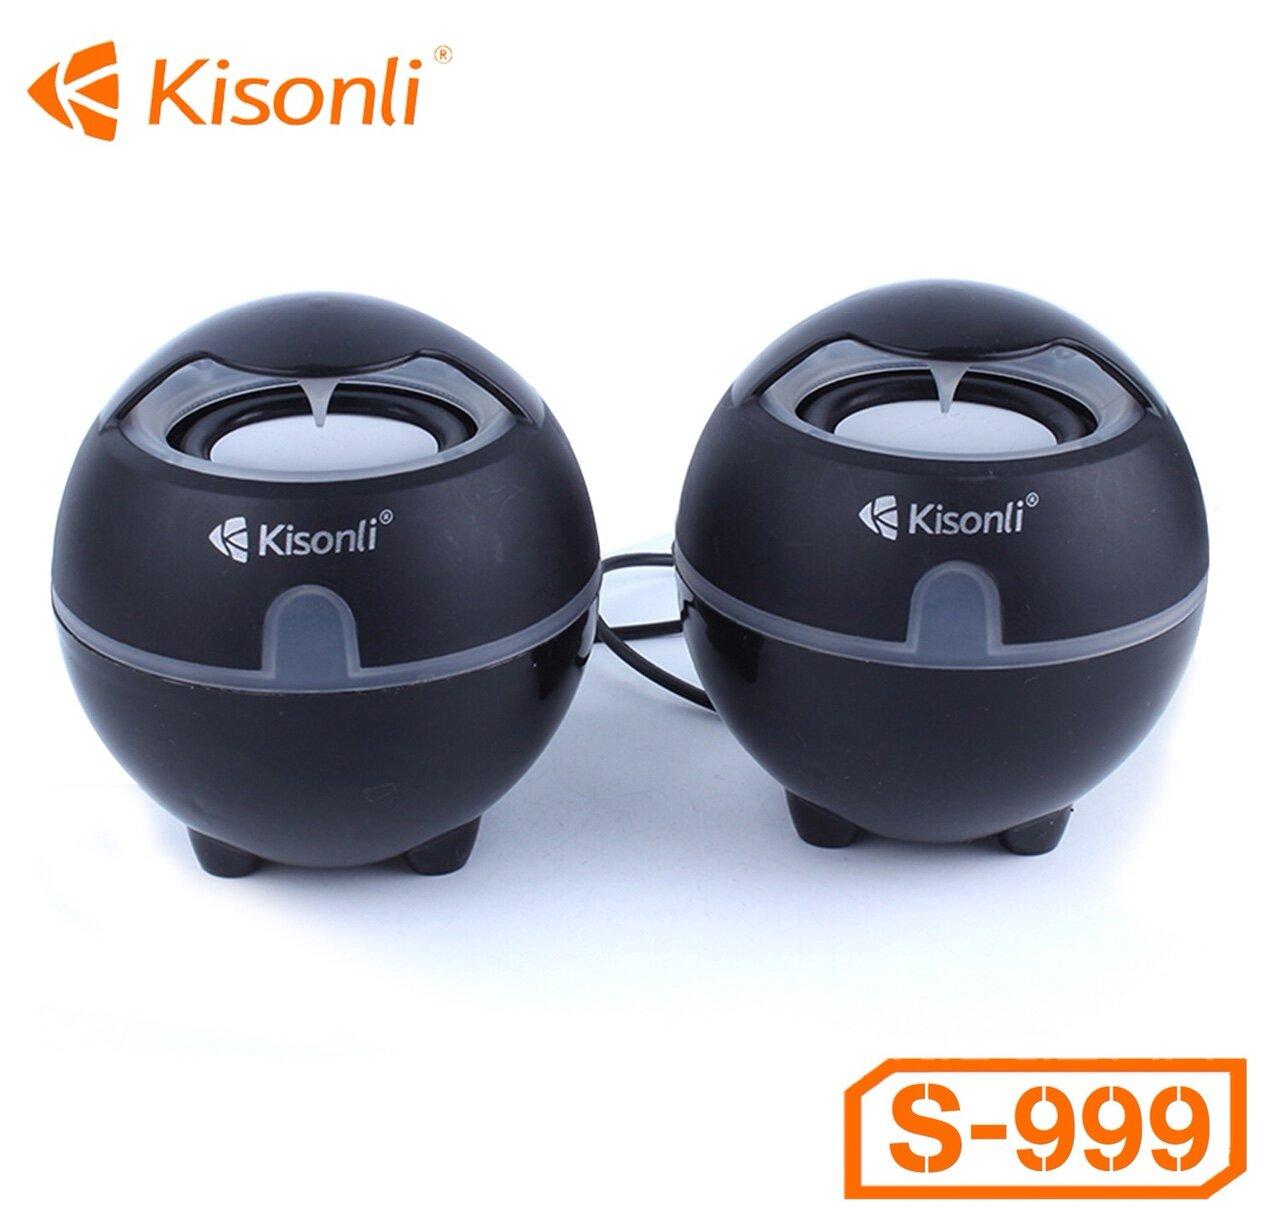 loa vi tinh Kisonli S-999